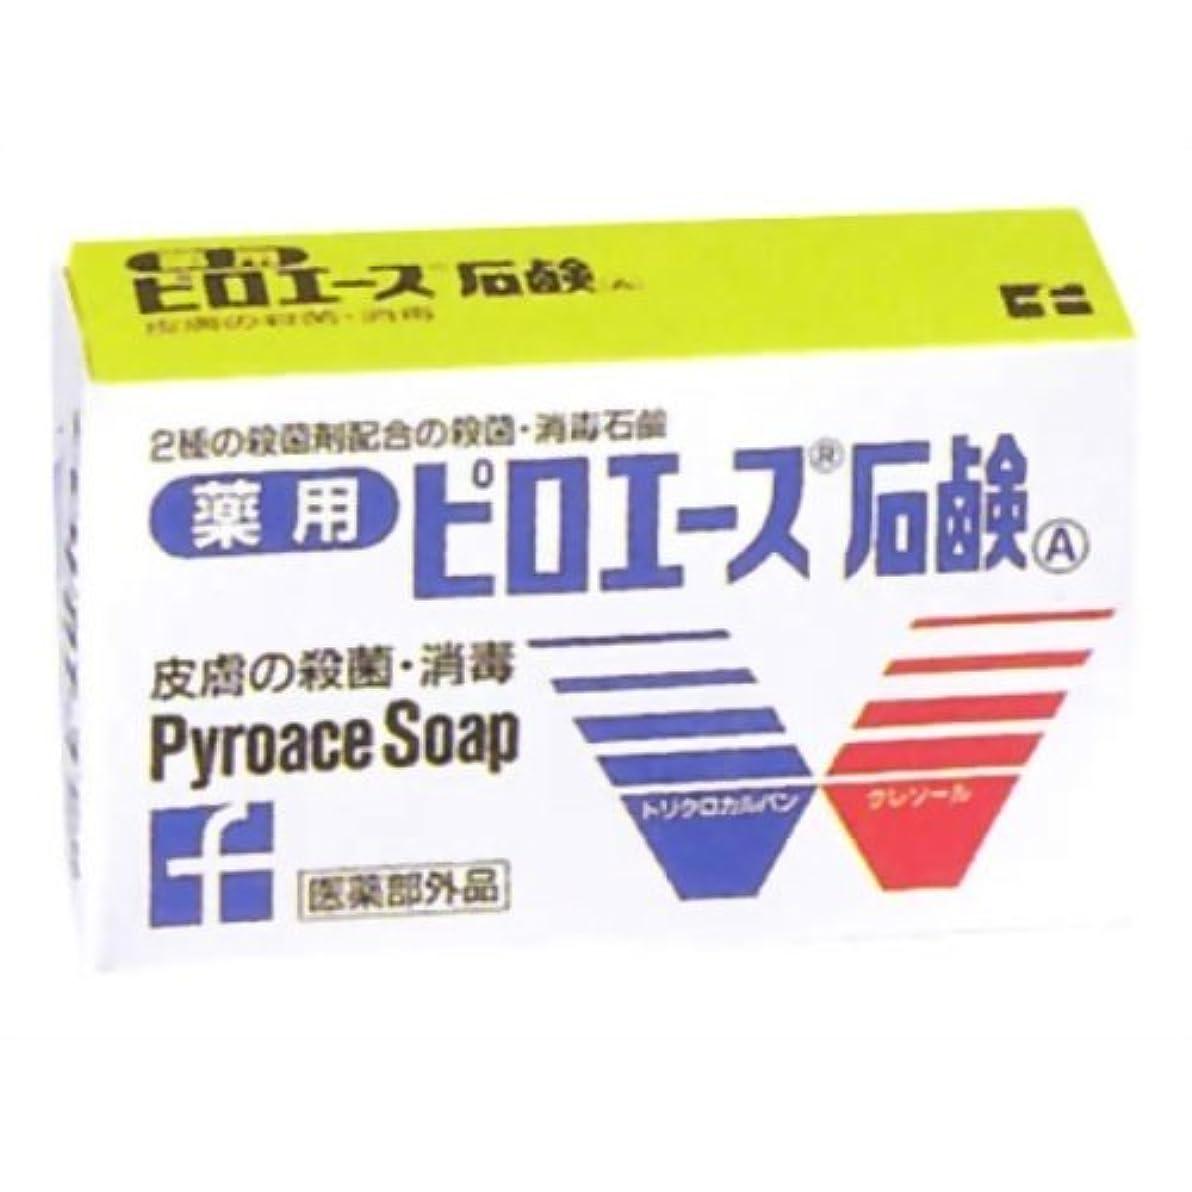 南アメリカ妊娠した悪党【第一三共ヘルスケア】ピロエース石鹸 70g